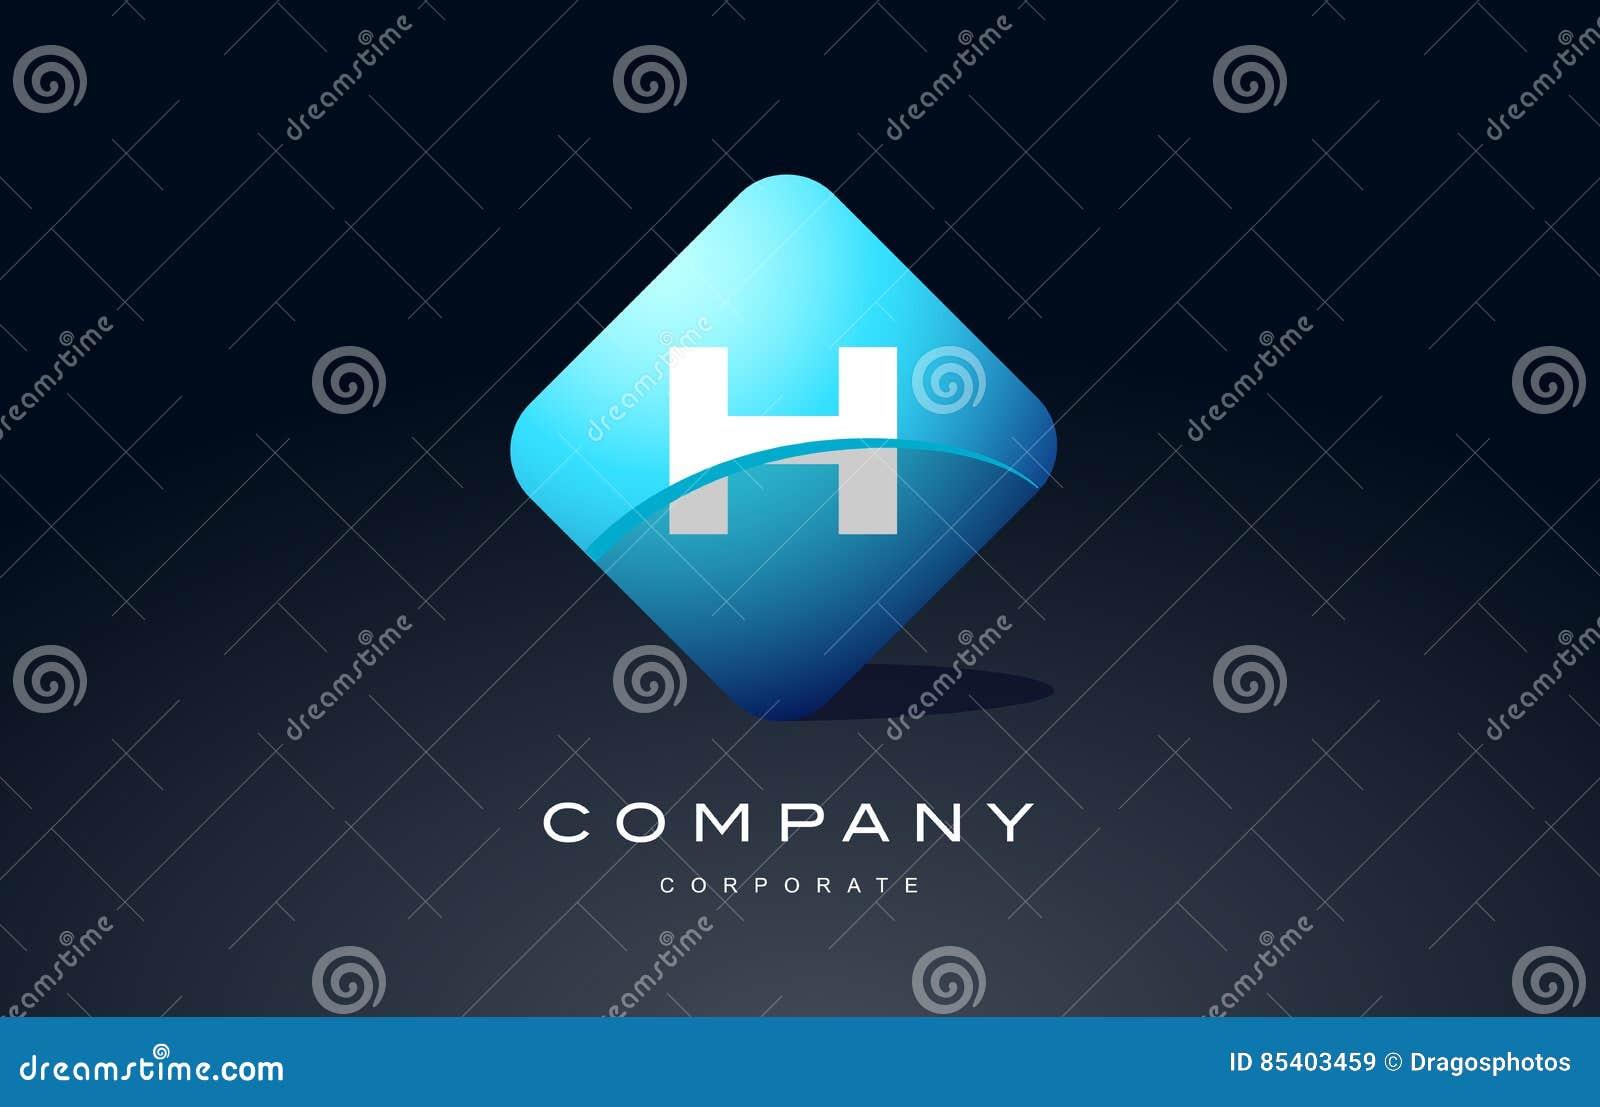 H Alphabet Blue Hexagon Letter Logo Vector Icon Design Stock